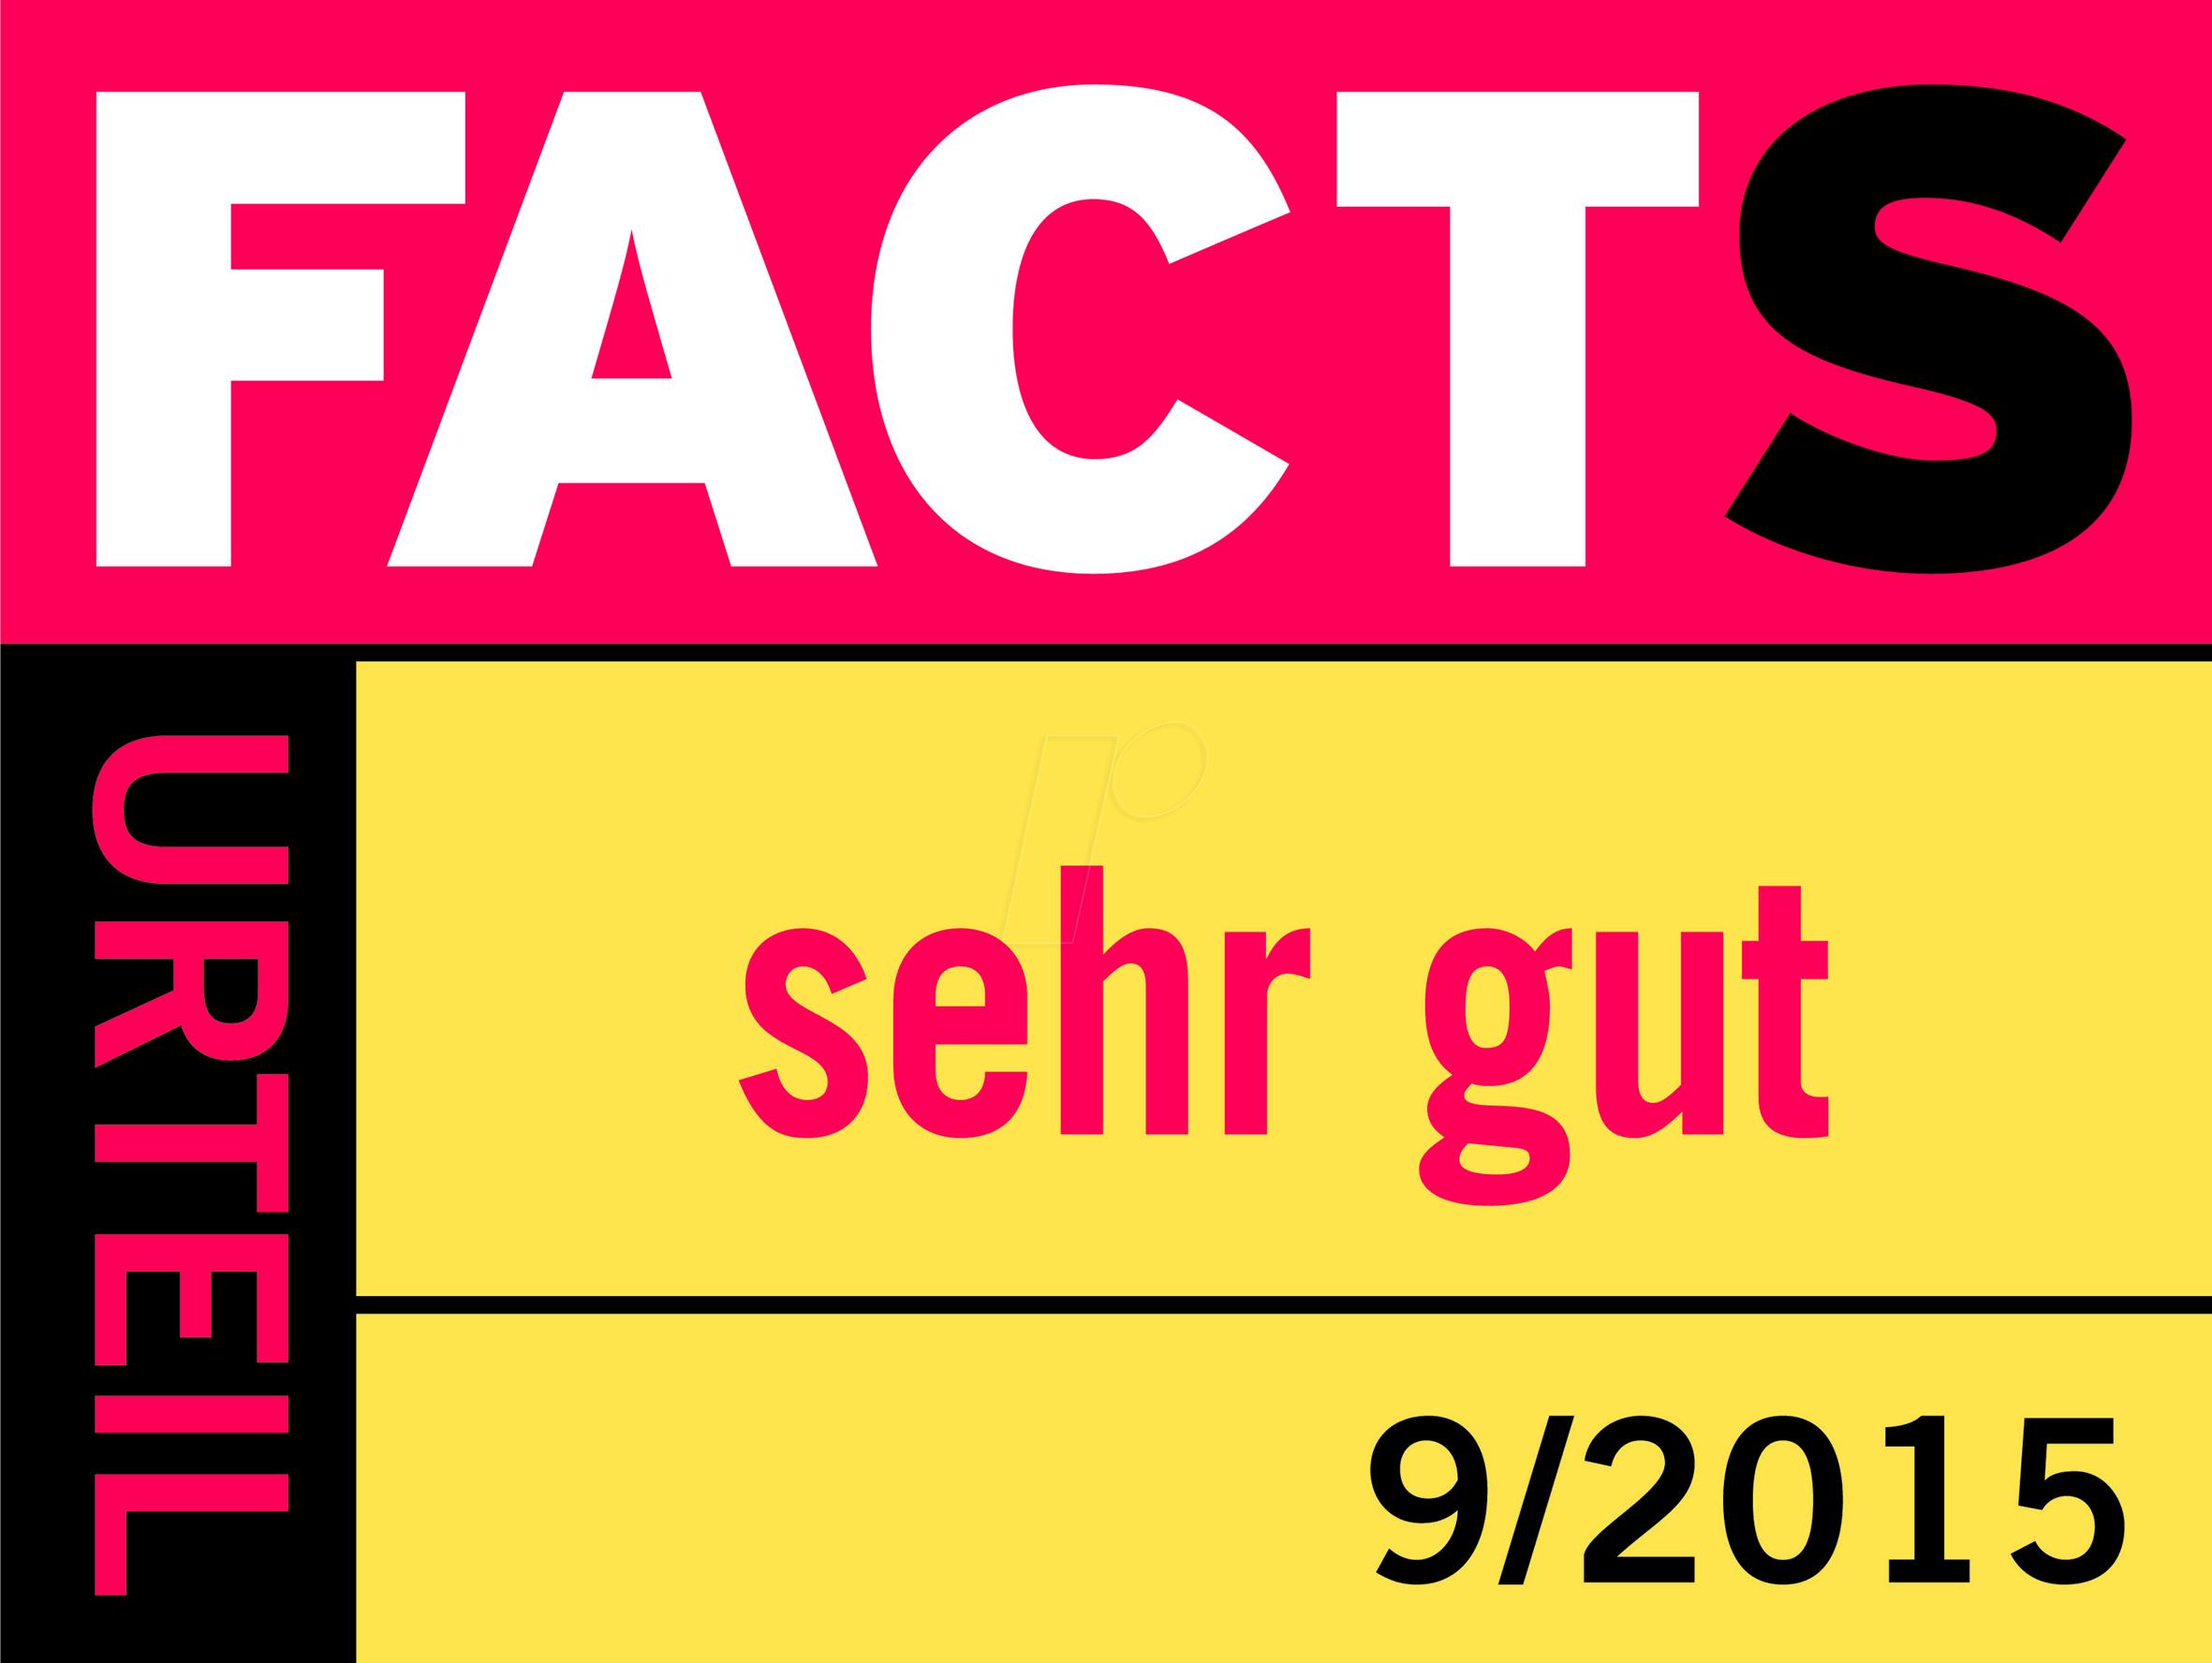 https://cdn-reichelt.de/bilder/web/xxl_ws/E400/KYOCERA_ECOSYS_P6130CDN_FACTS.png